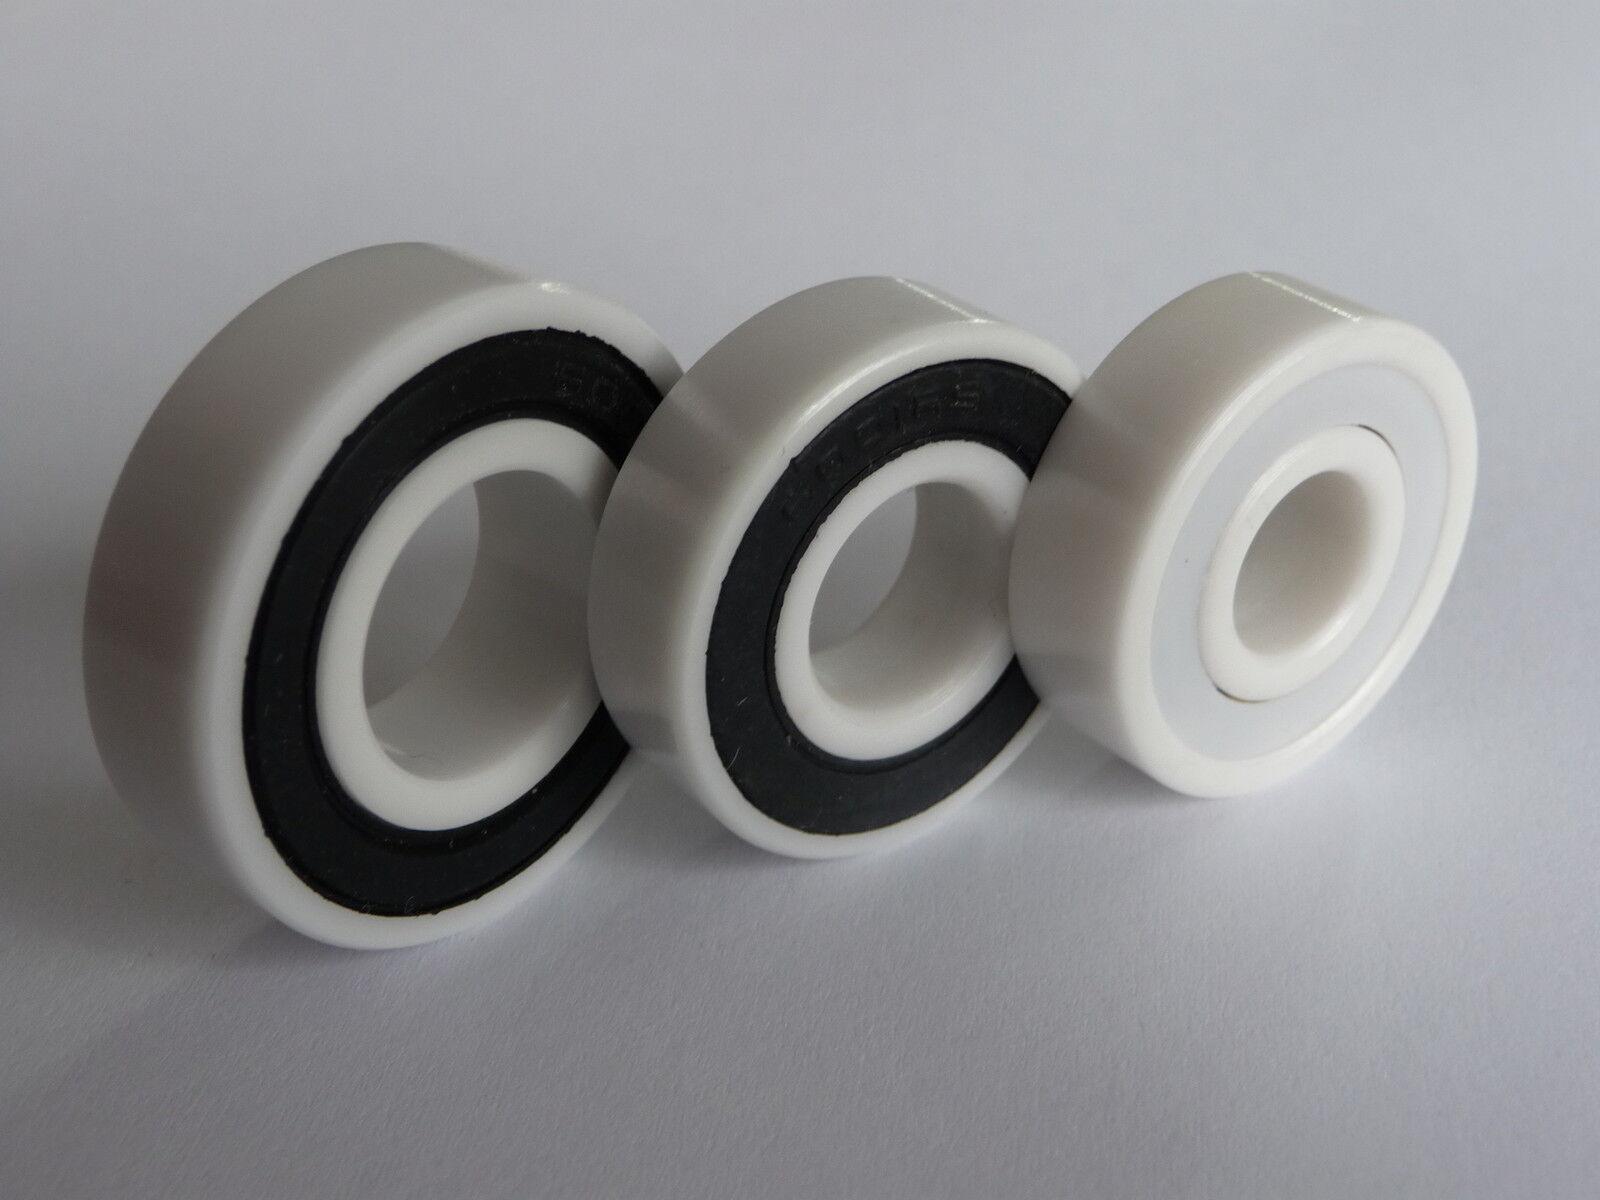 1x Kugellager 698-2RS/Full-Ceramic, ZRO2-Zirkonoxid, ...8x19x6 mm ...NEU